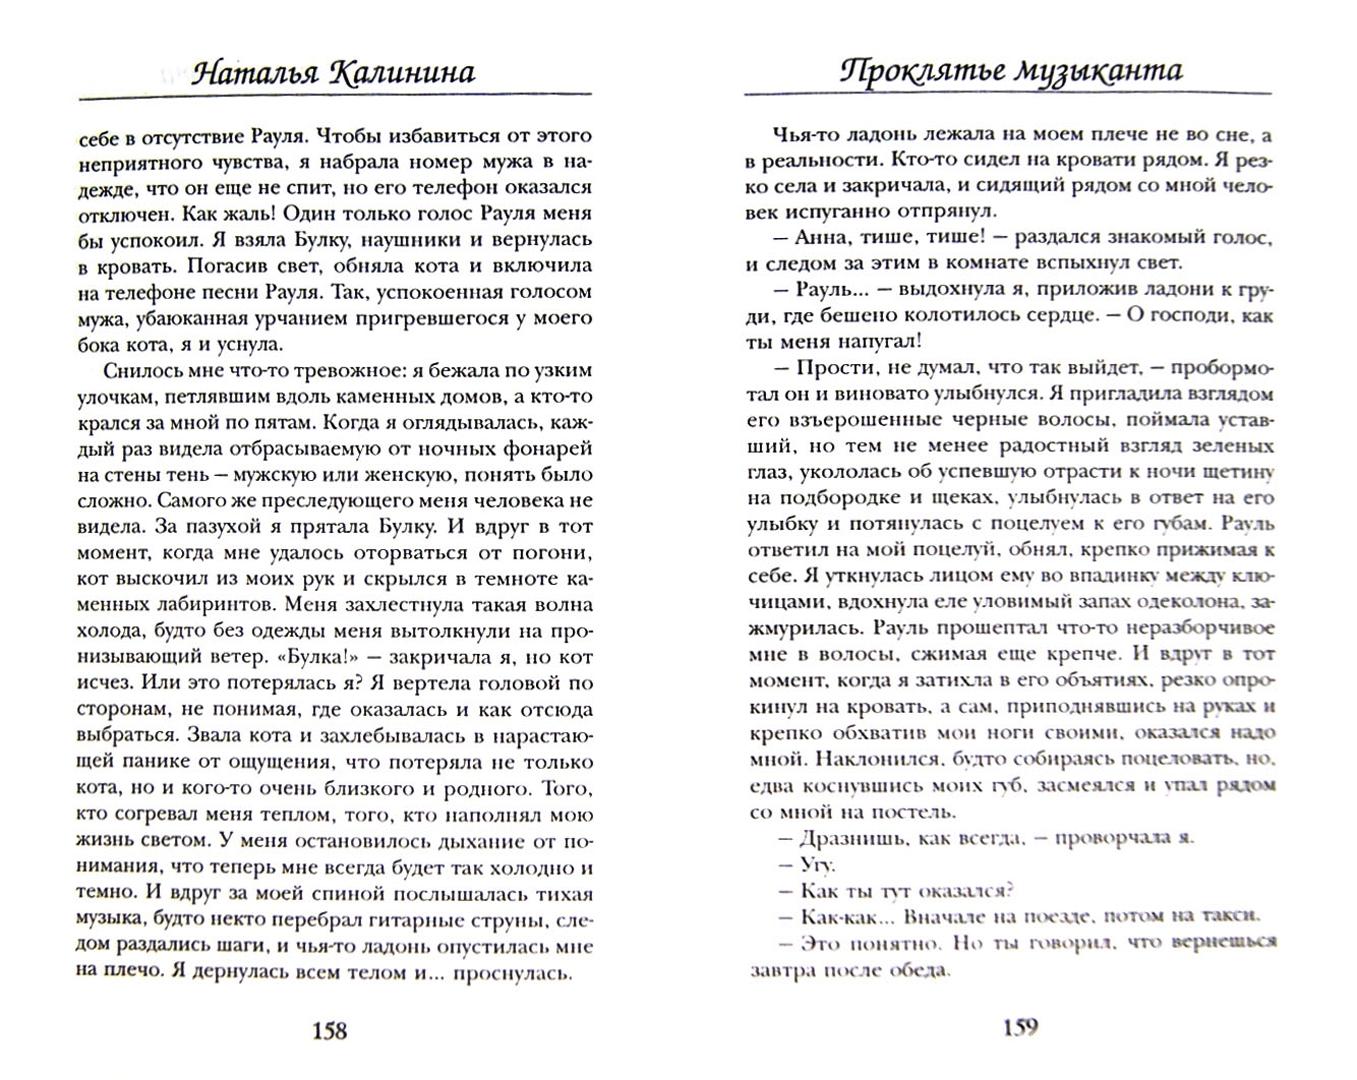 Иллюстрация 1 из 24 для Проклятье музыканта - Наталья Калинина | Лабиринт - книги. Источник: Лабиринт